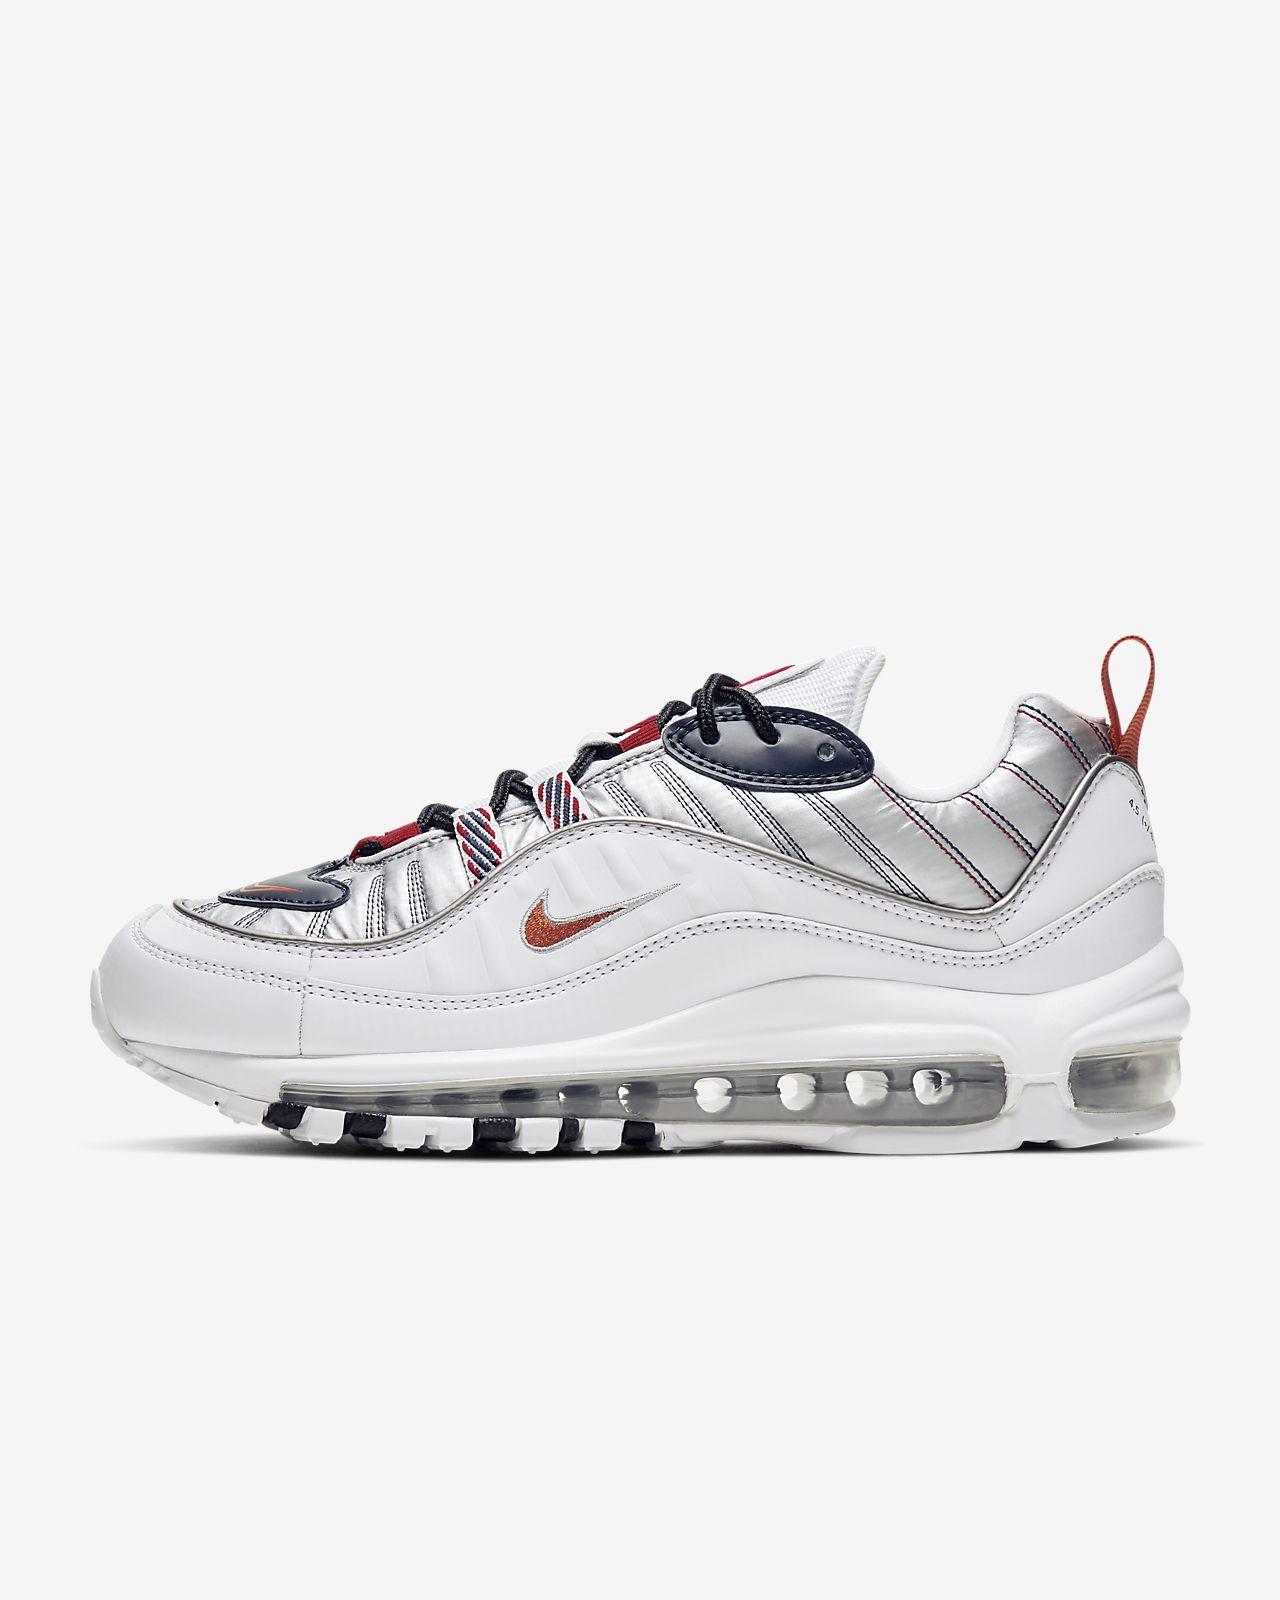 Calzado para mujer Nike Air Max 98 Premium